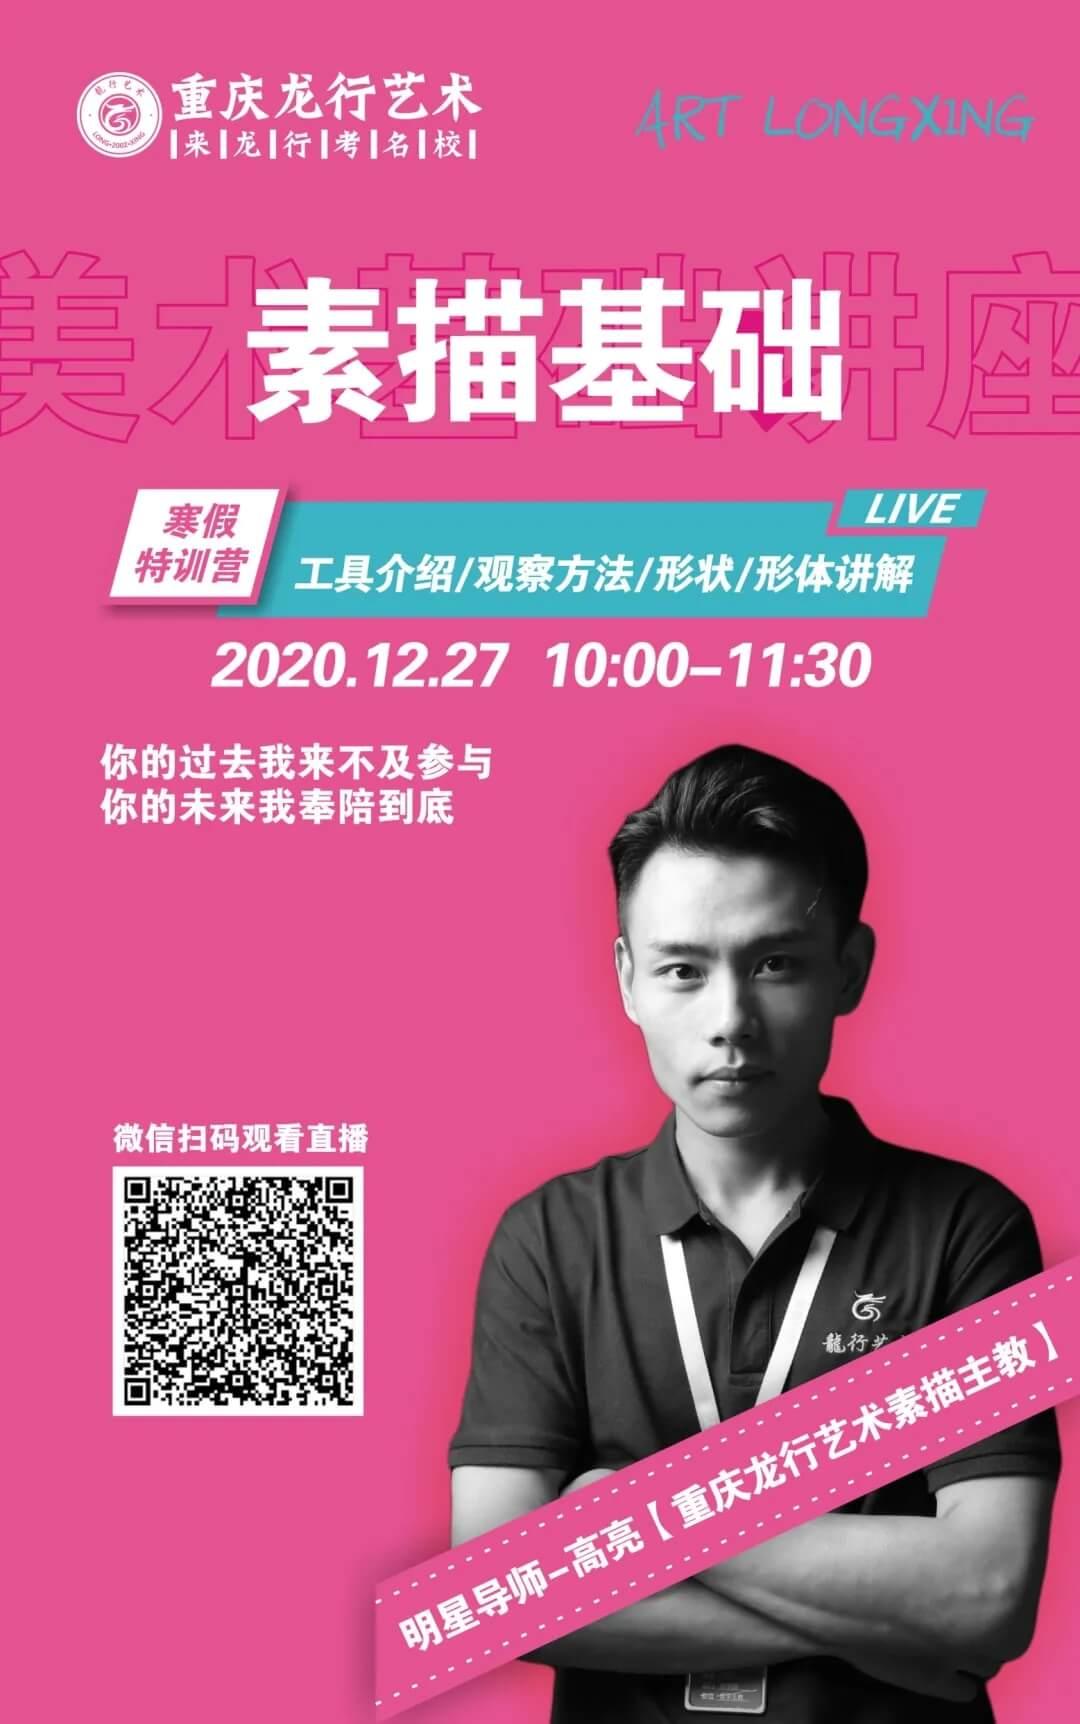 重庆龙行艺术画室培训班!线上寒假课程第一讲:素描基础